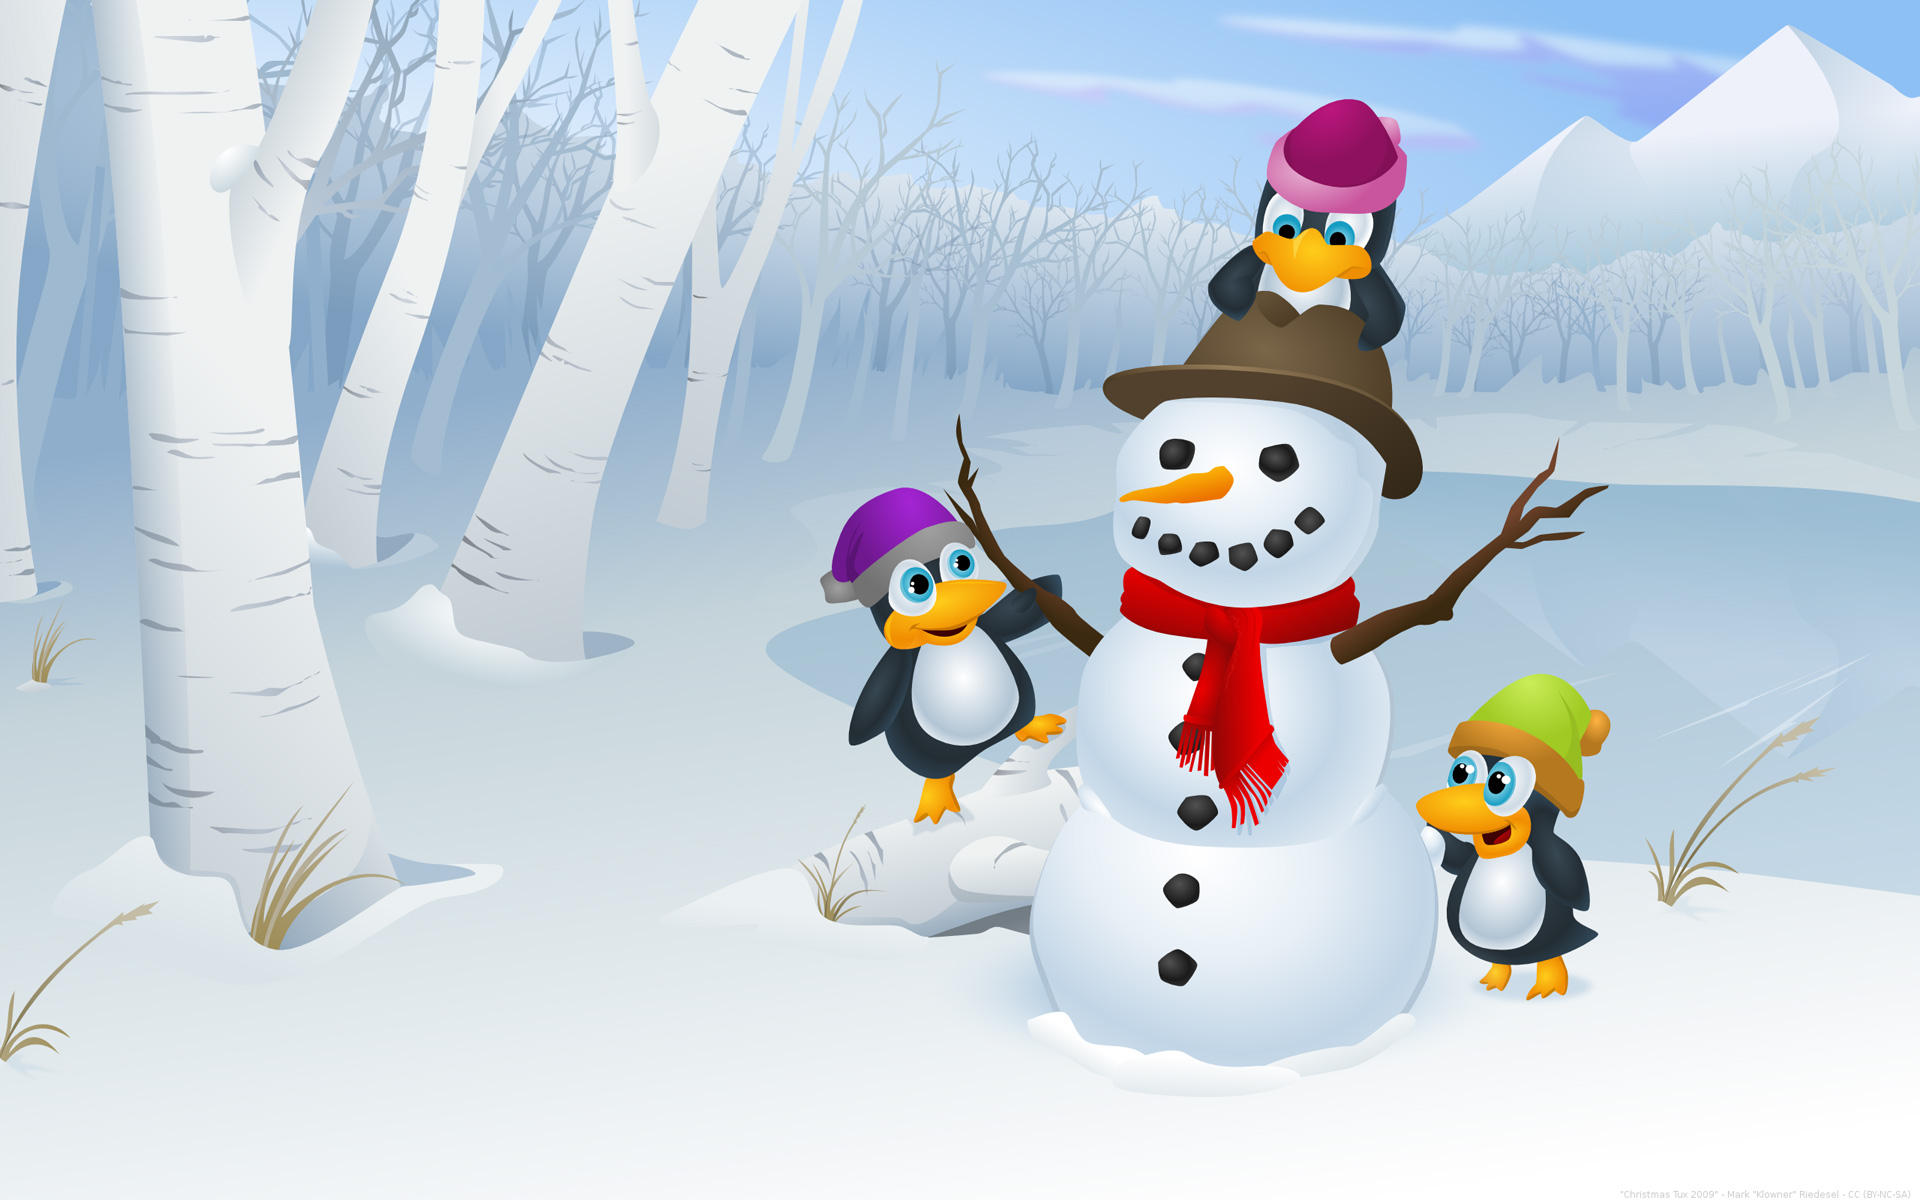 Dibujo de muñeco de nieve y pinguinos - 1920x1200